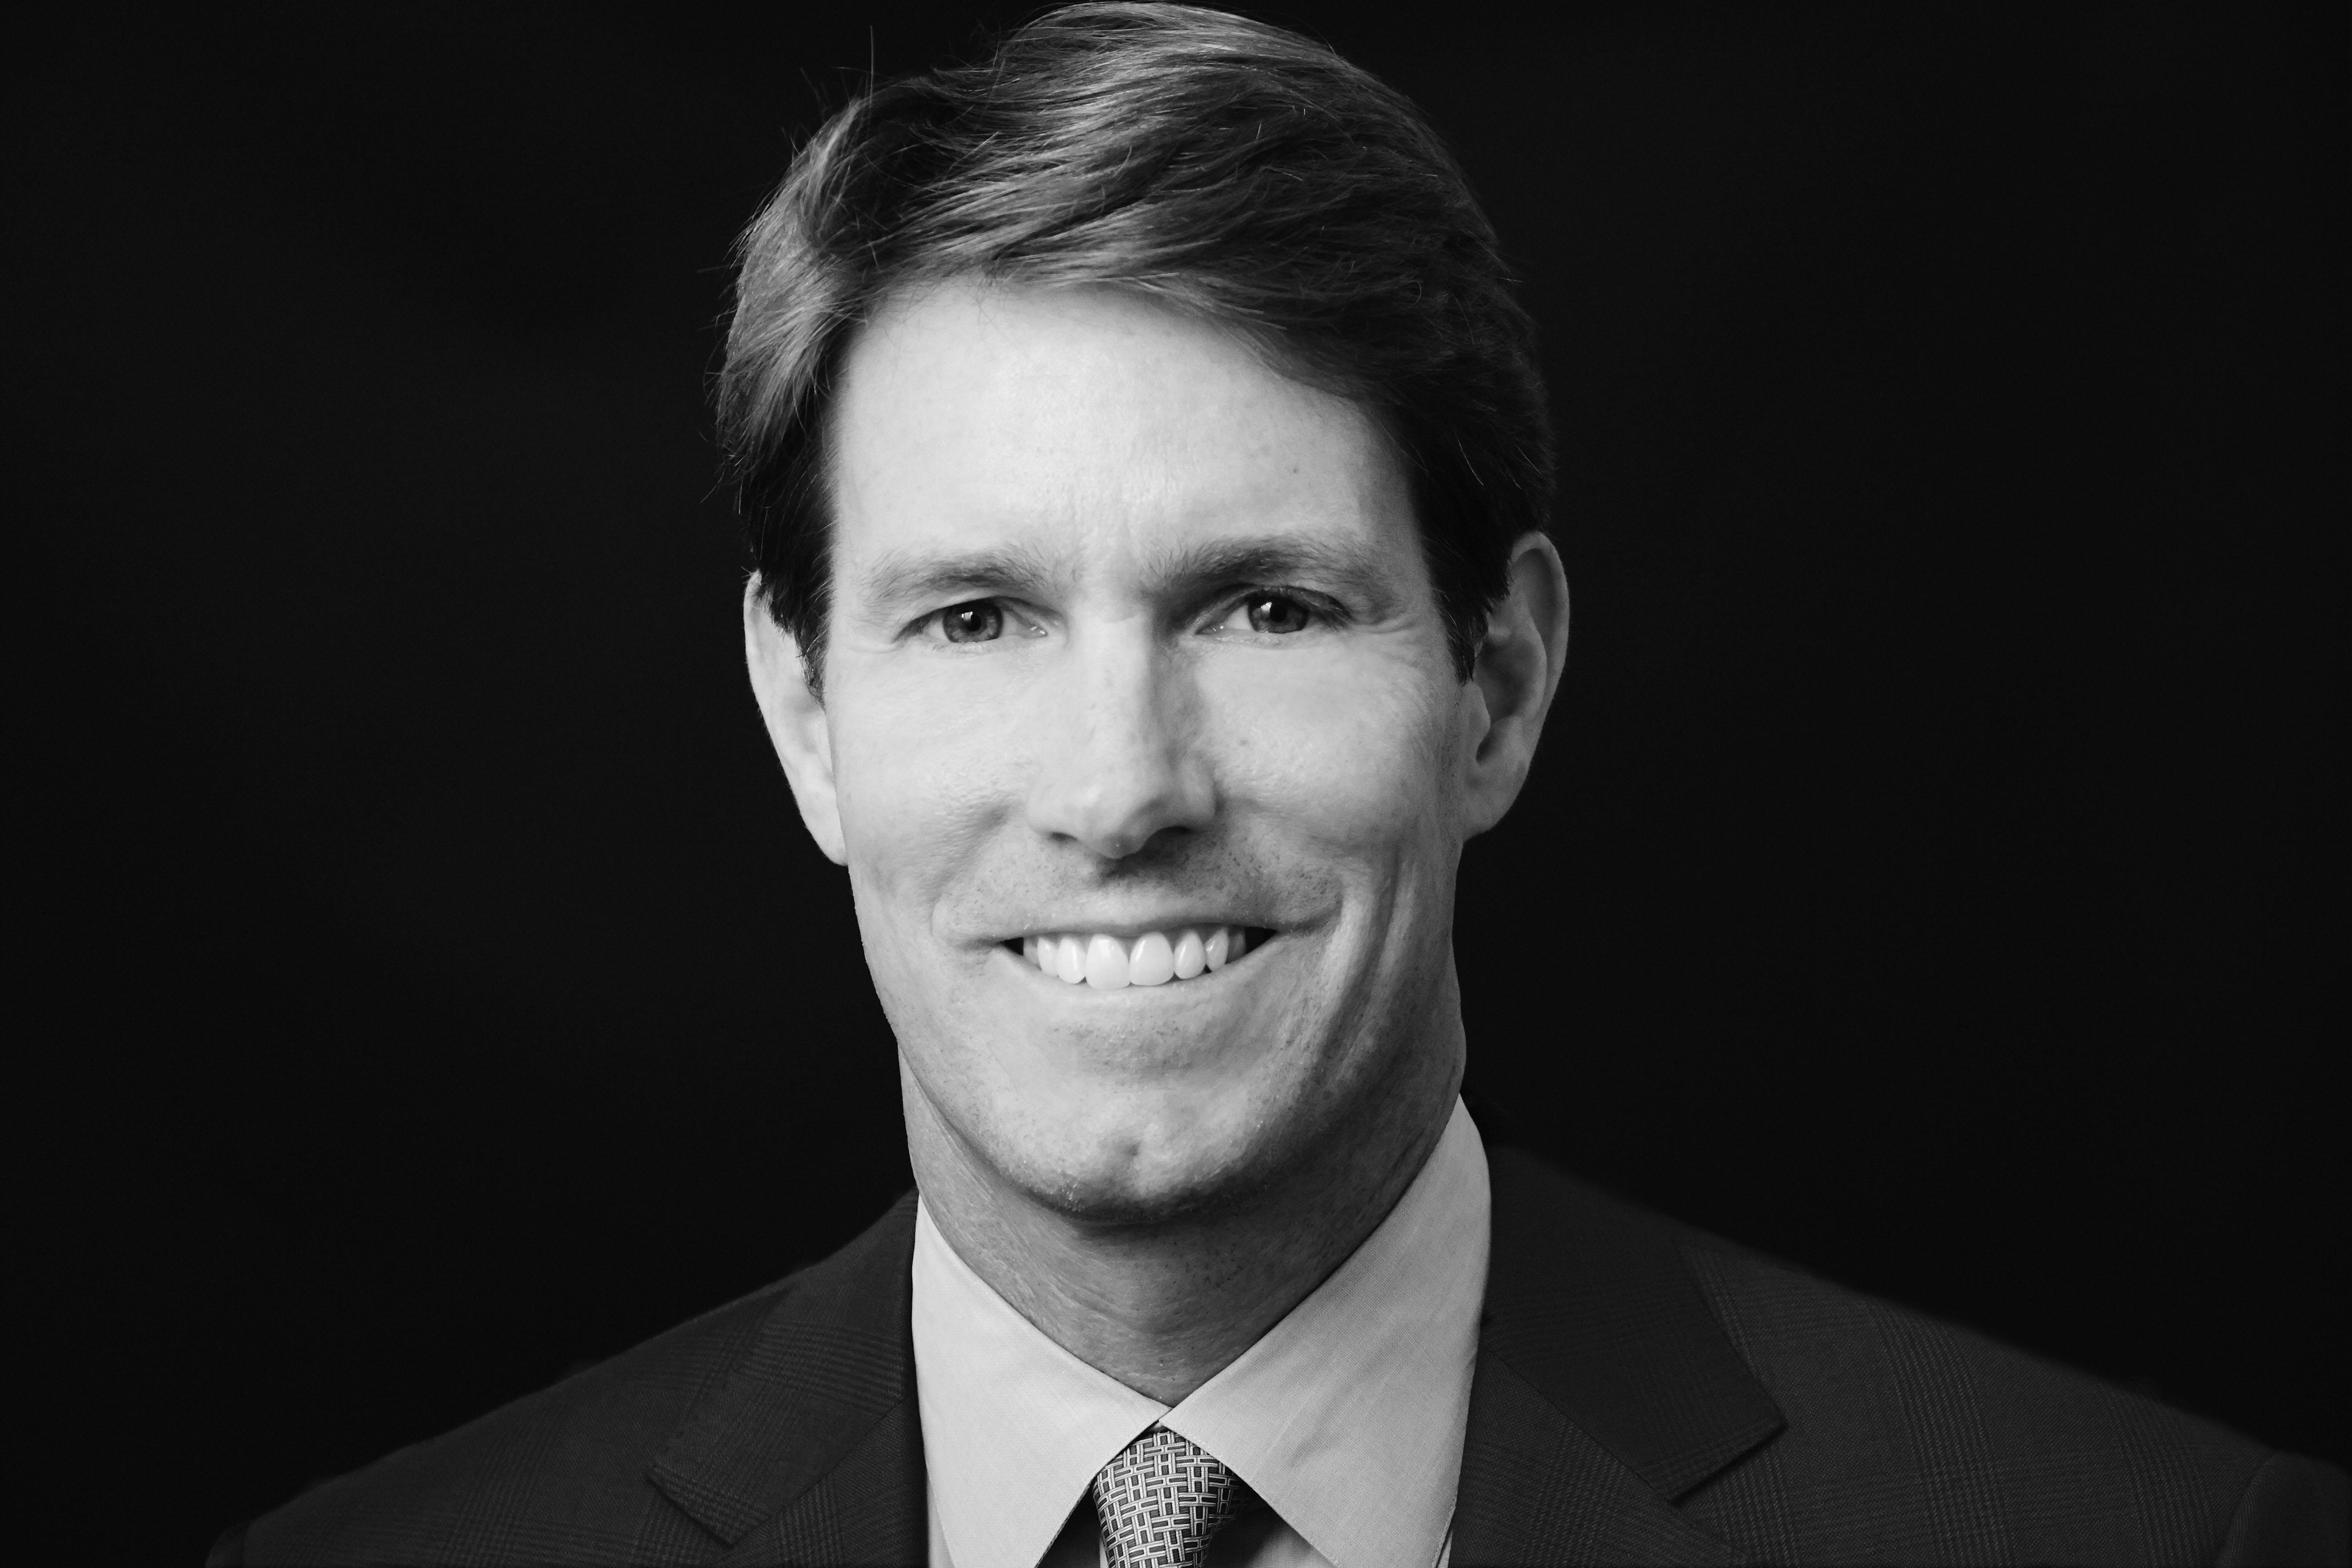 David-Geithner